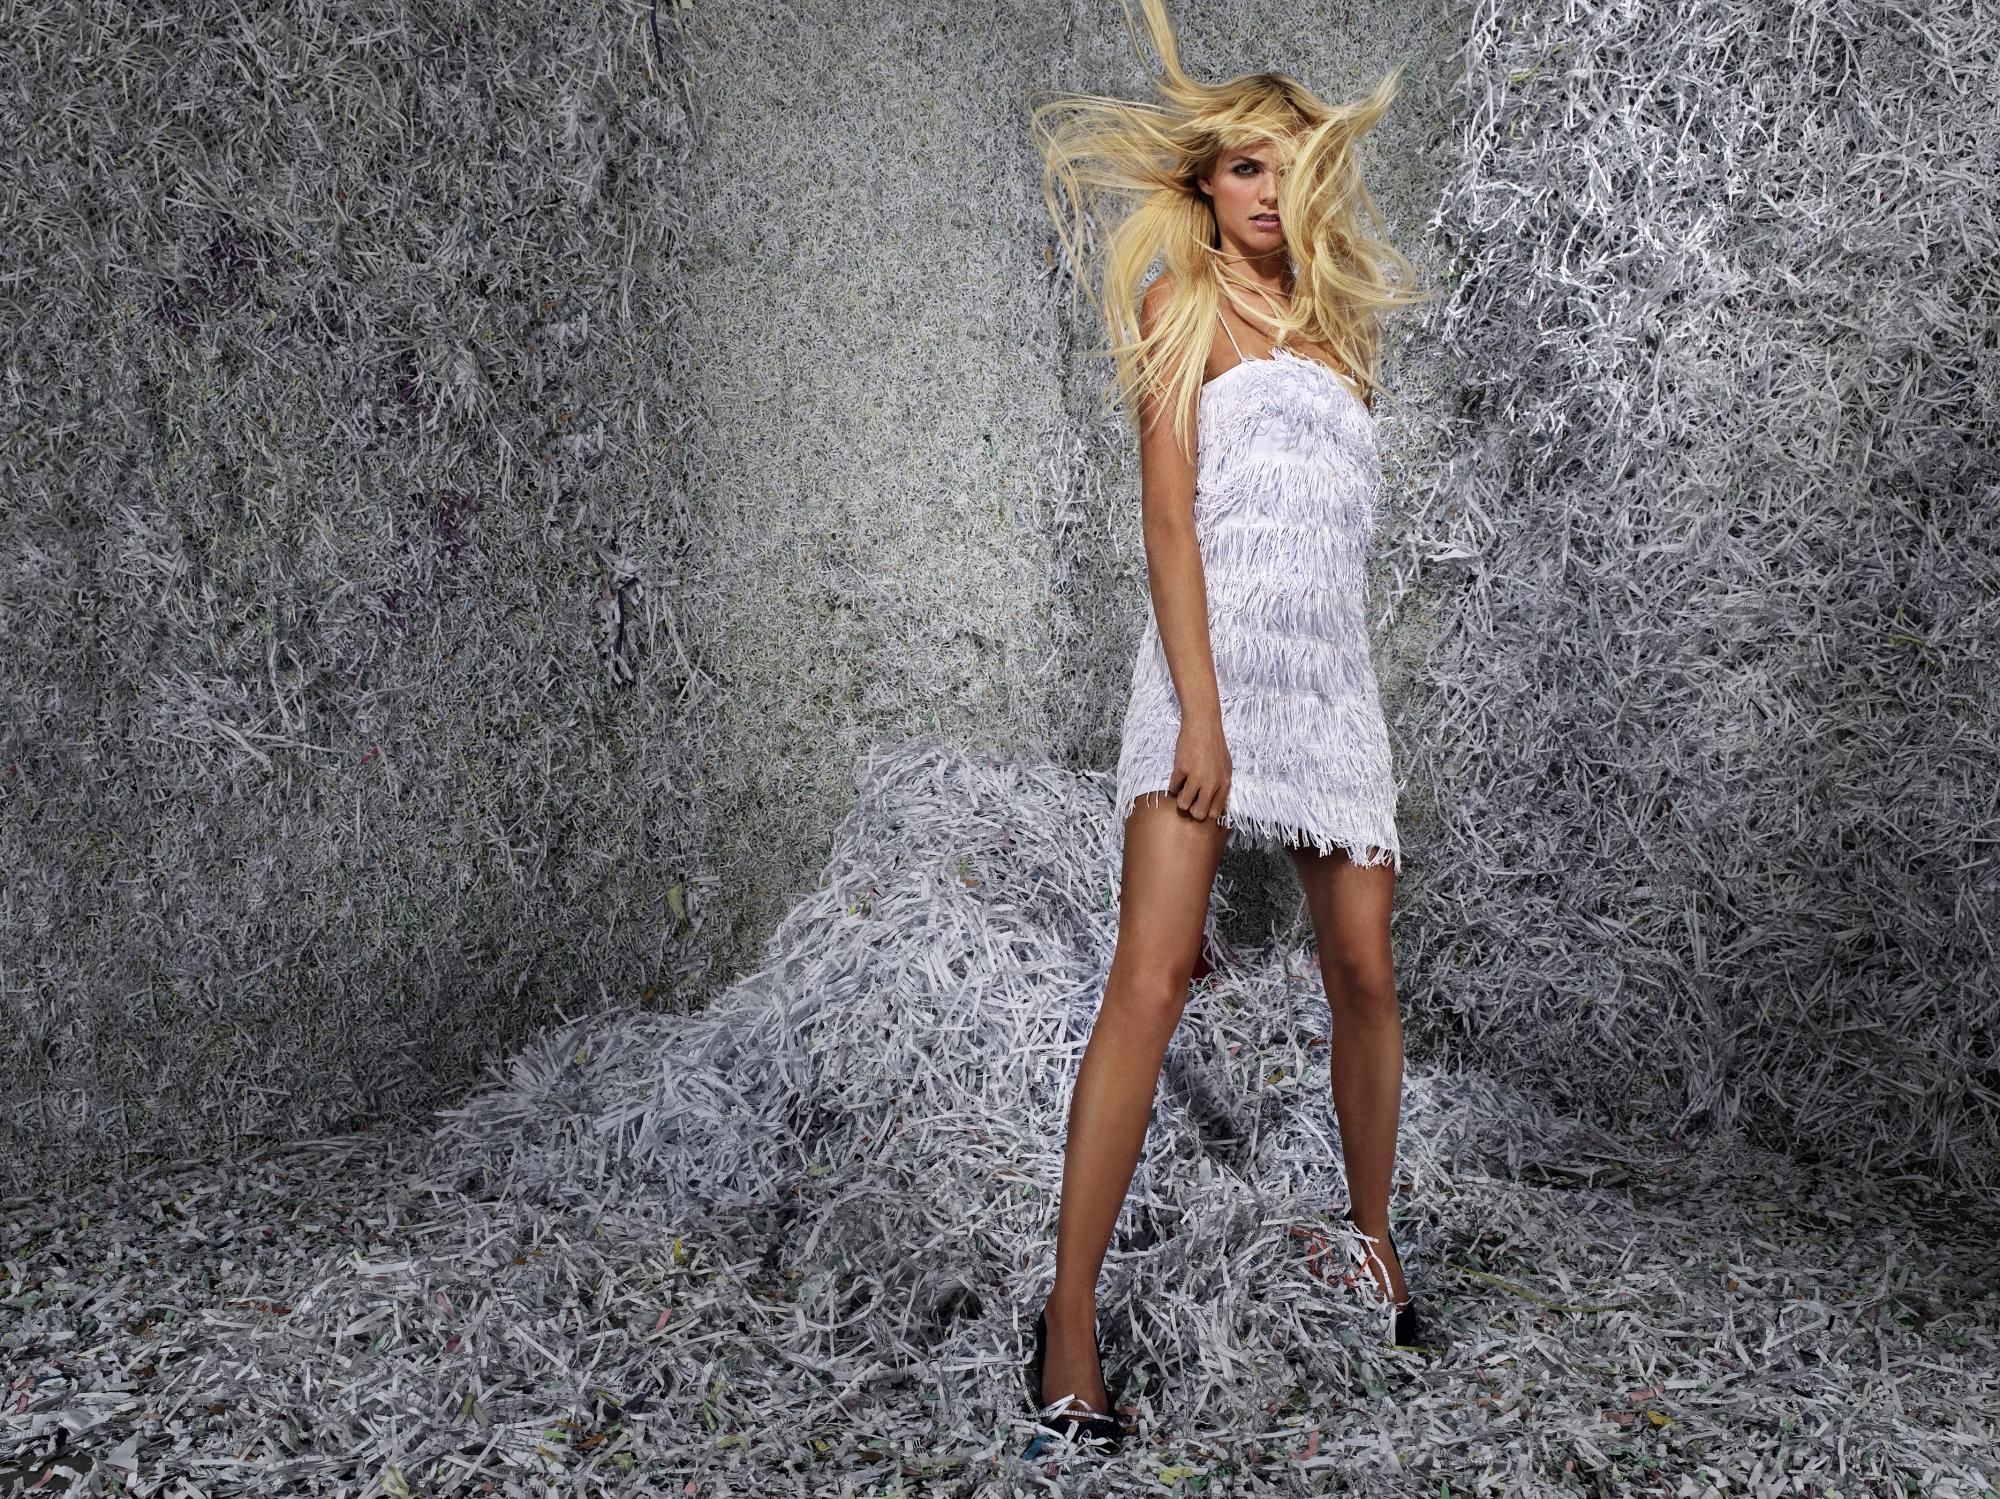 Девушка, модель, Топ модель по- американски, 9 сезон, фотосессия